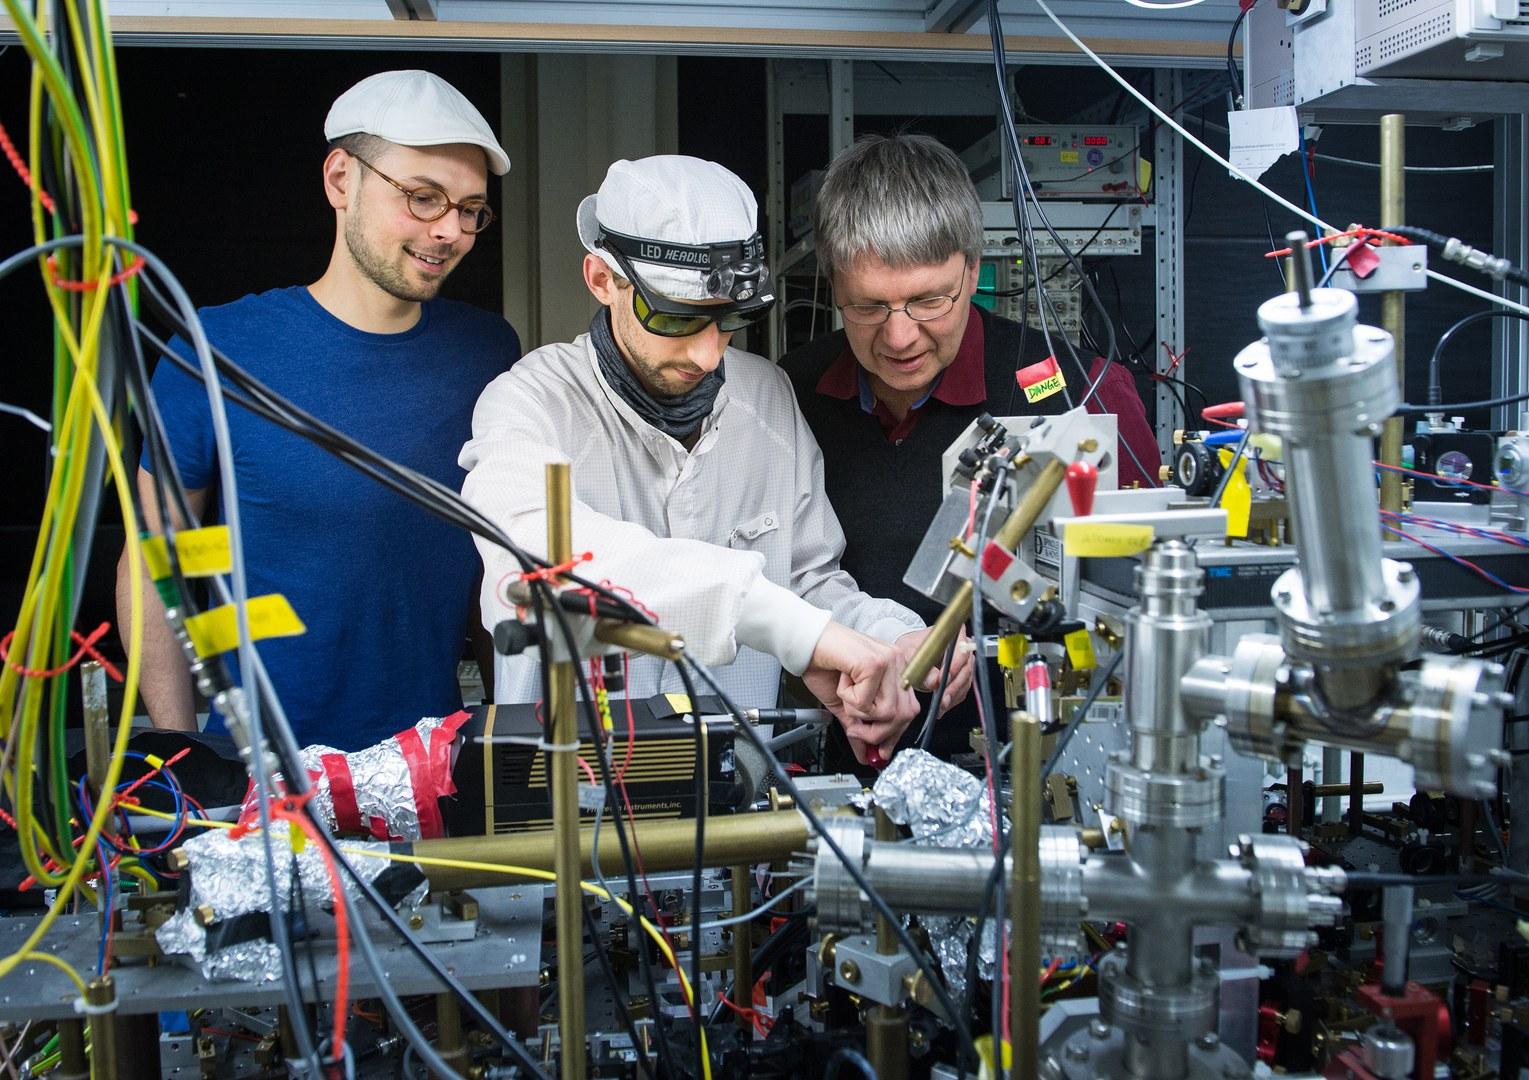 Die Messapparatur im Labor: